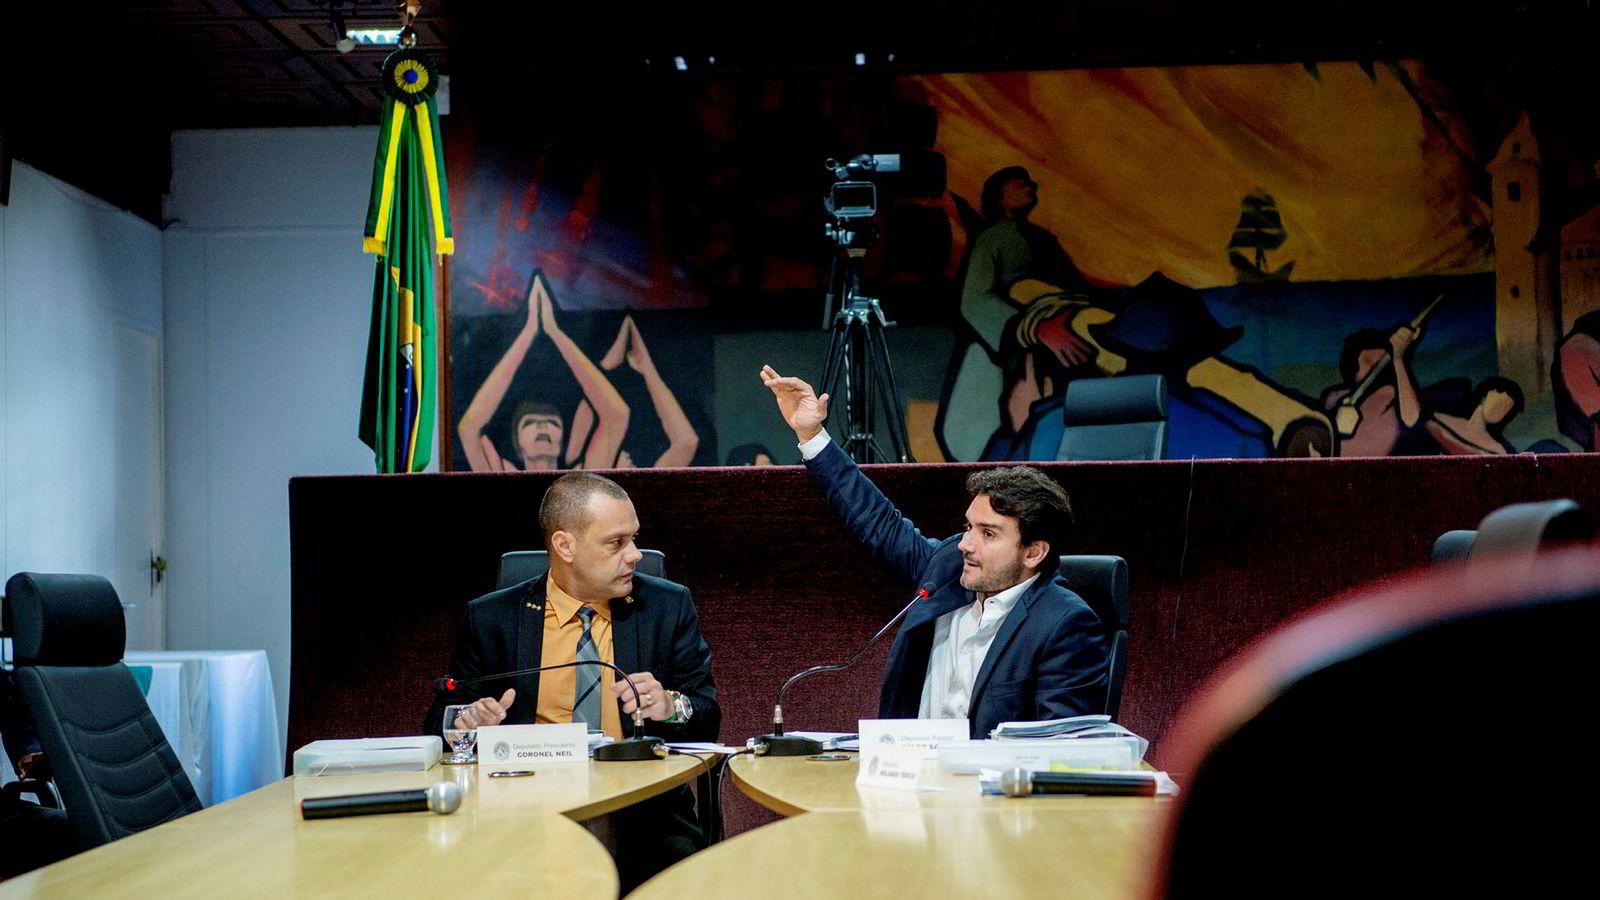 Fra en av høringene i granskningskomiteen i delstatsparlamentet i Pará, som har tatt for seg Hydros Alunorte-anlegg som ett av flere industrianlegg med potensiell miljøpåvirkning. Lederen av komiteen Coronel Neil (til venstre) og komiteens ordfører Celso Sabino.